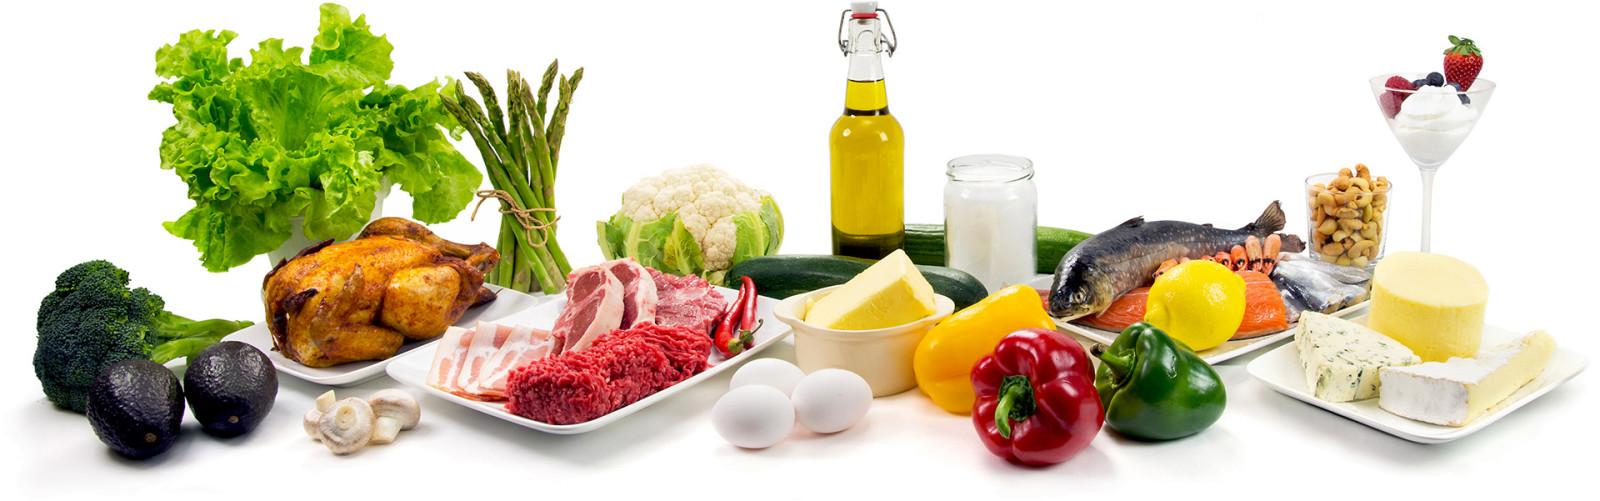 dieta cetogênica para inciantes - lista de alimentos permitidos